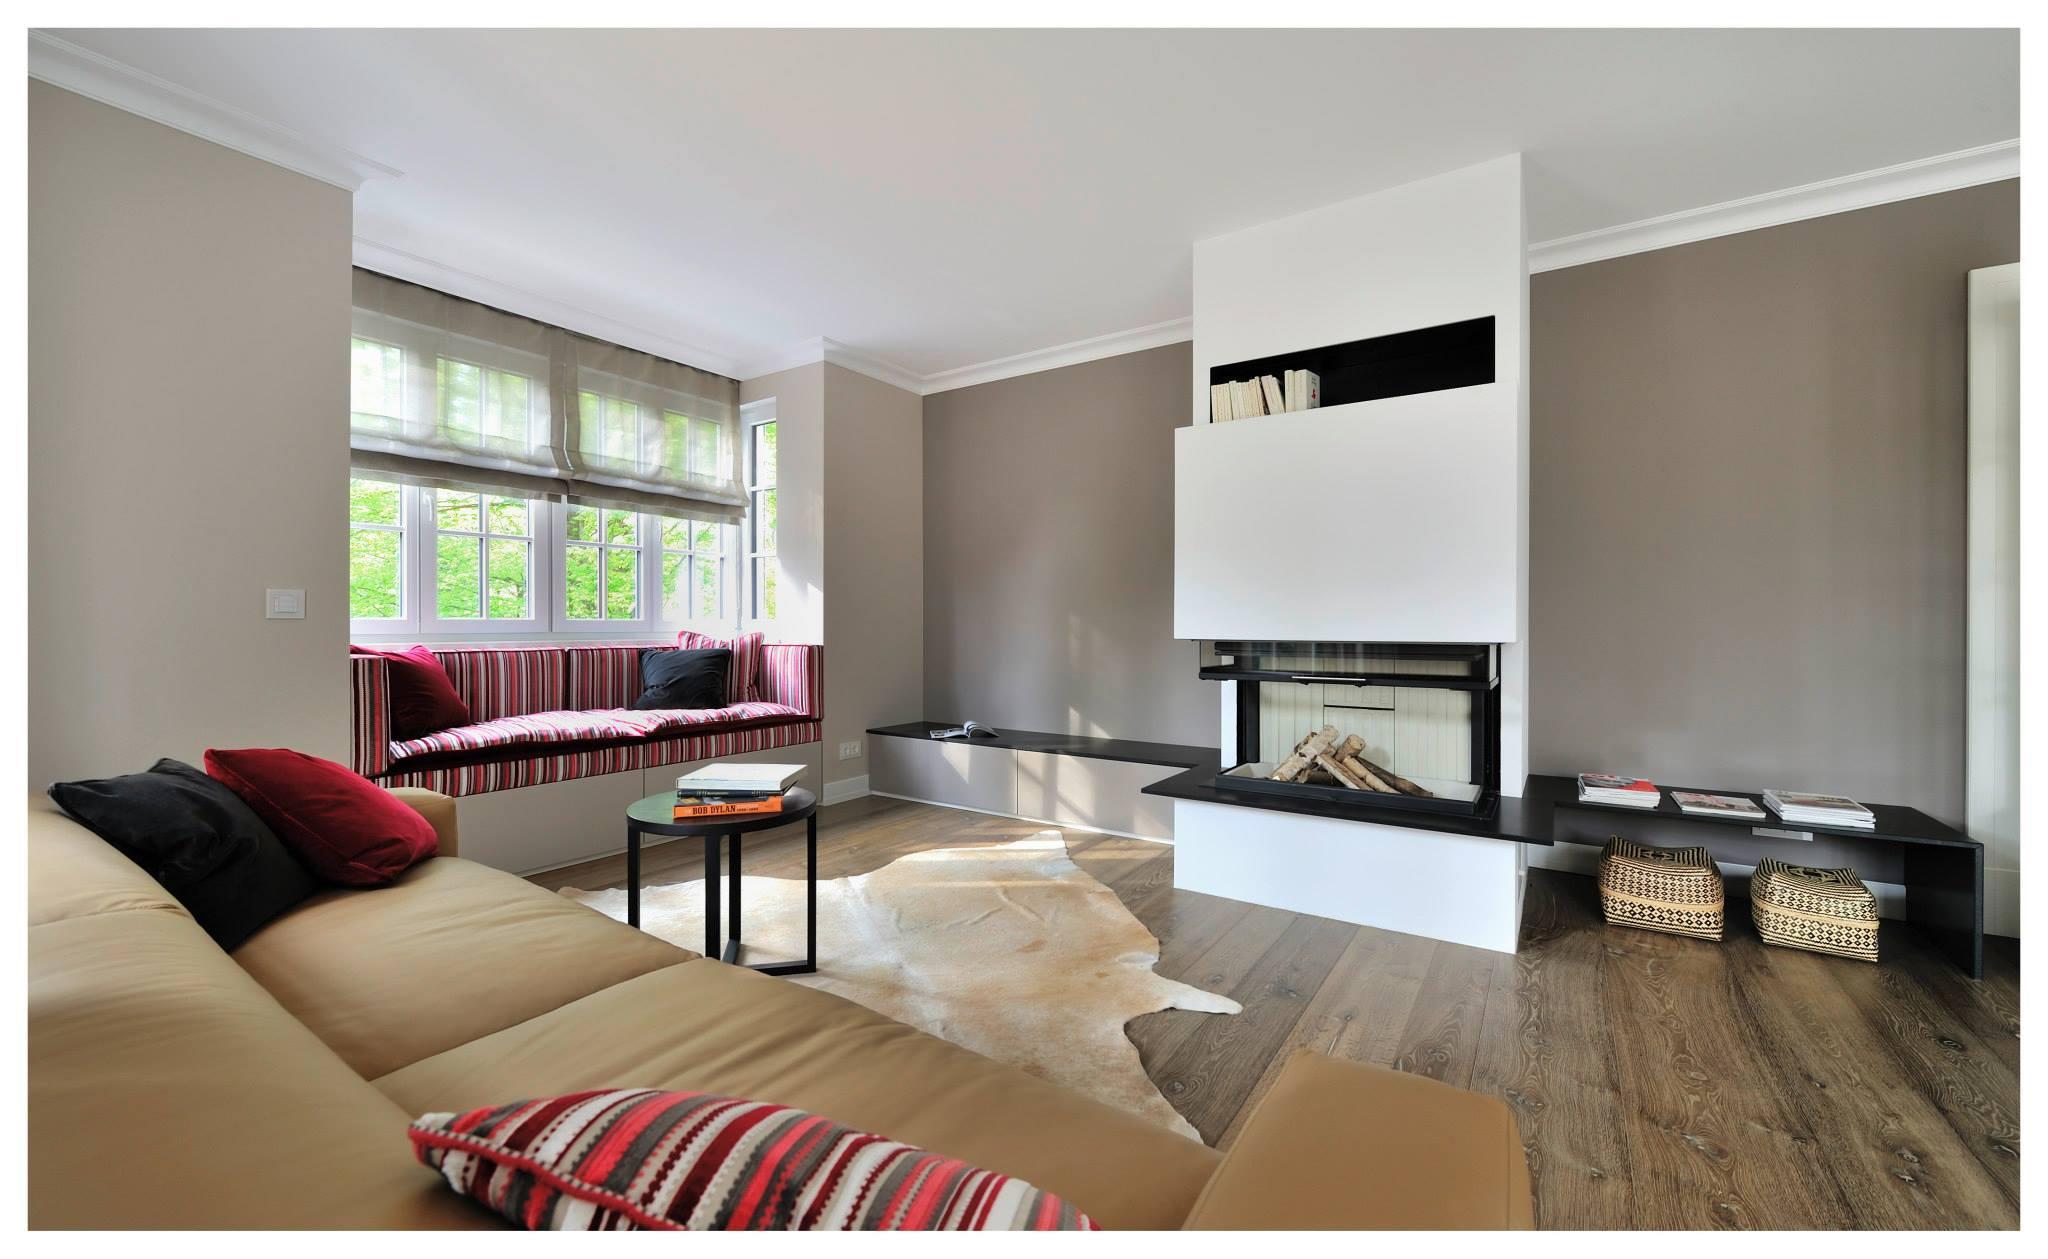 familienvilla in grünwald #ablage #kamin #wohnzimmer... - Wohnzimmer Design Mit Kamin